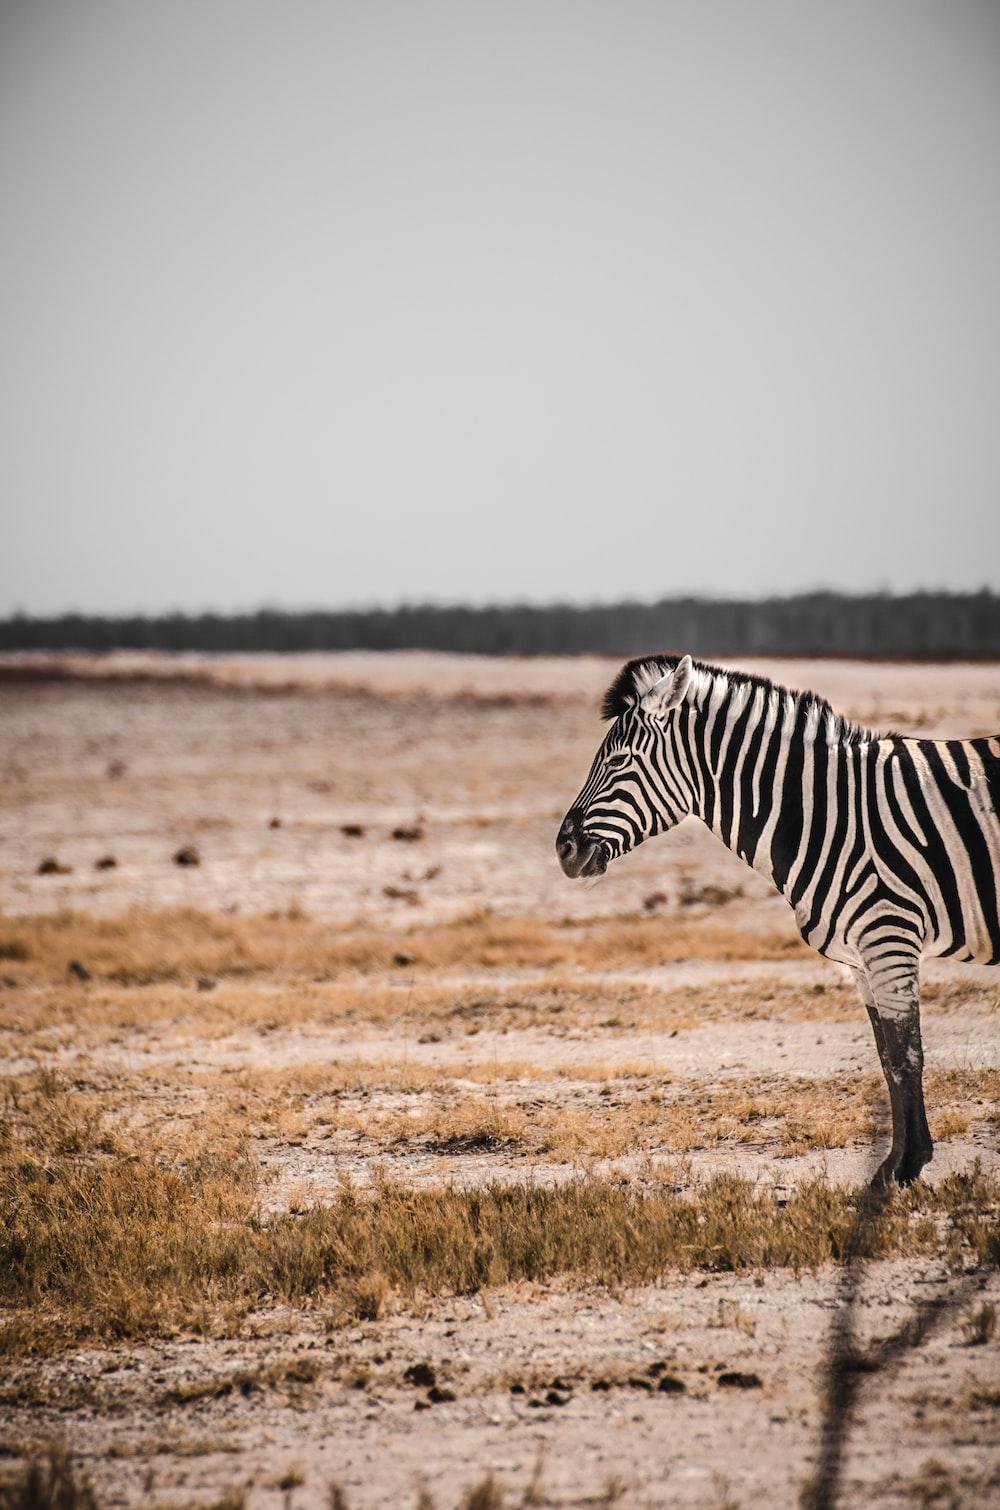 white and black zebra during daytime